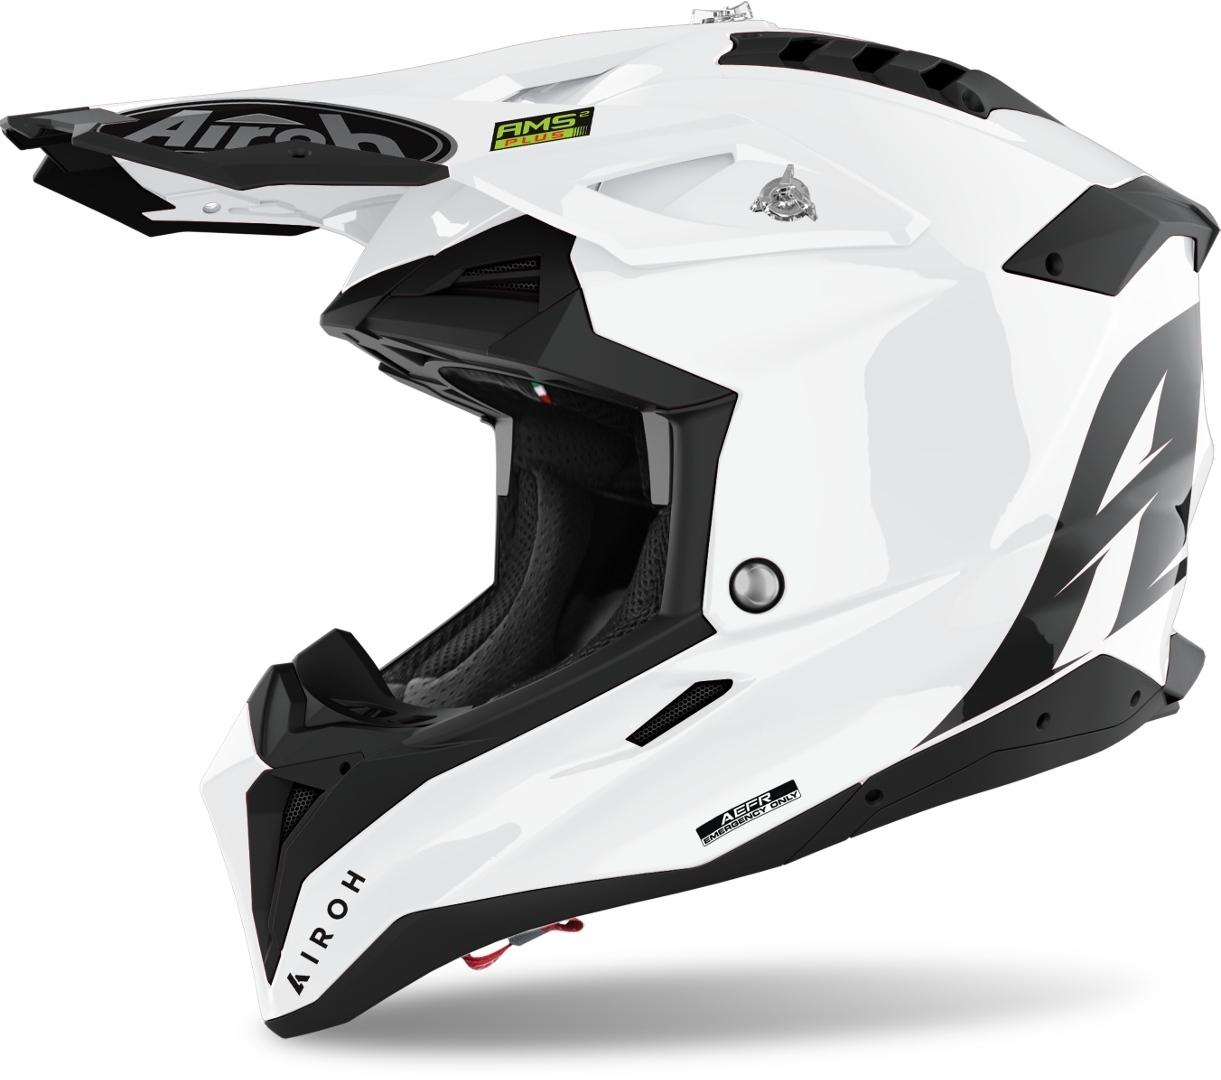 Airoh Aviator 3 Color Carbon Motocross Helm, weiss, Größe S, weiss, Größe S